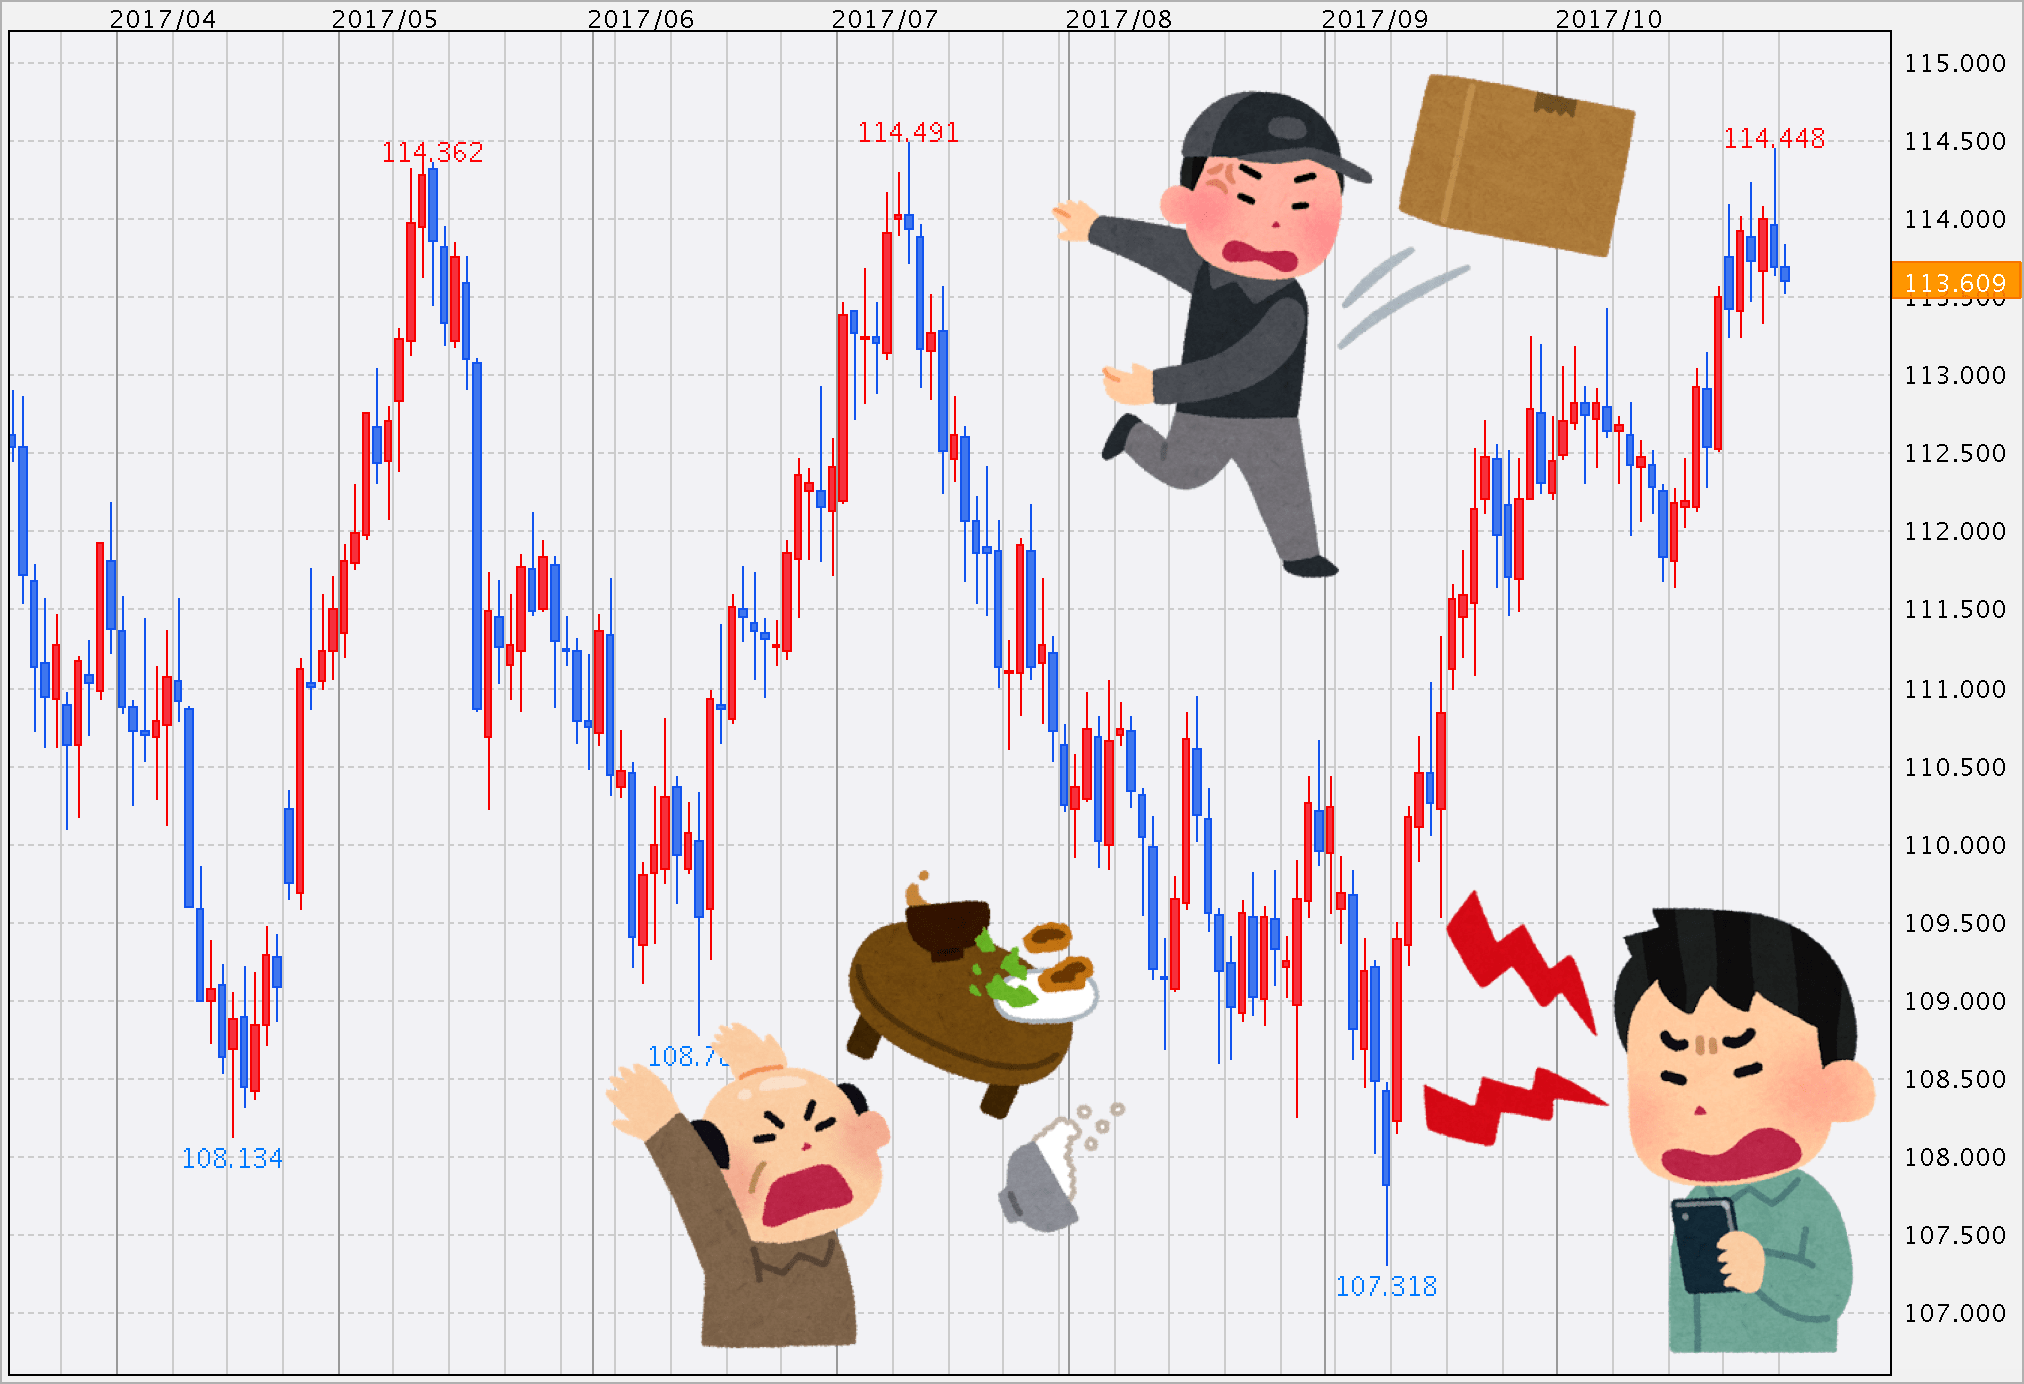 ドル円の動きにイライラ そんなもんねーよ と ちゃぶ台をひっくり返したいところですが 明日の日銀イベントに 明日 日銀 経済